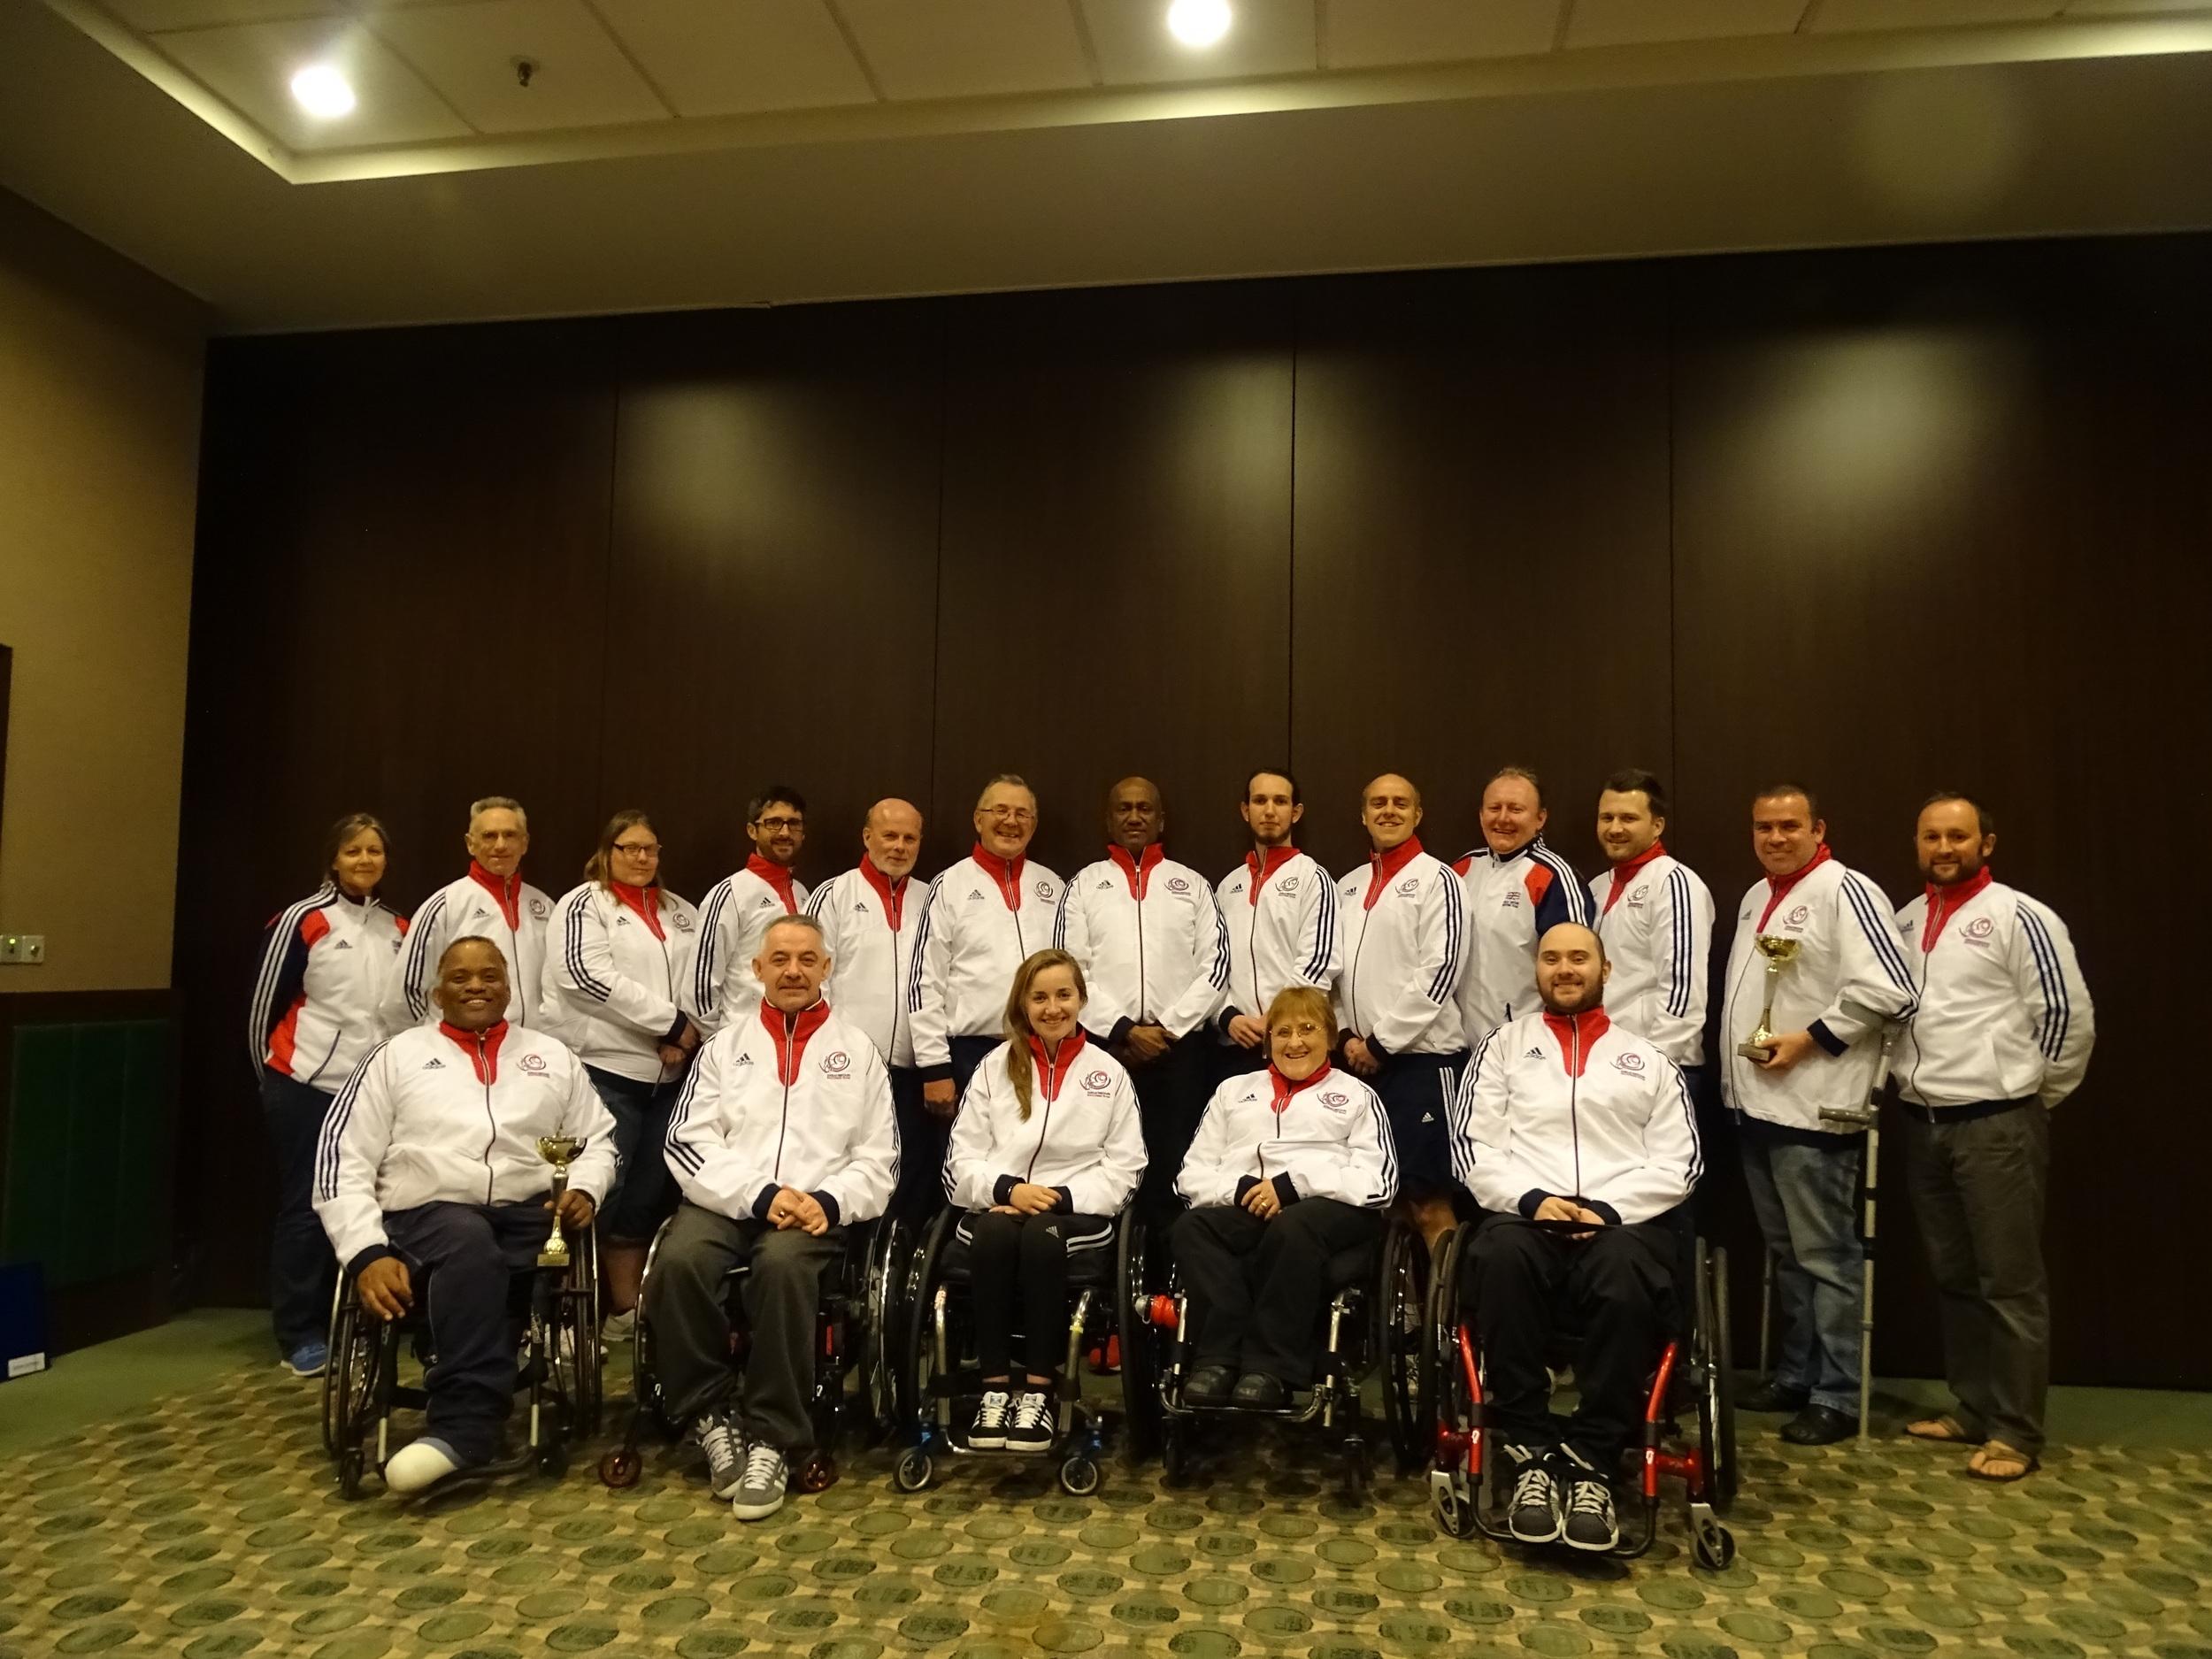 GB team for Poland 2015